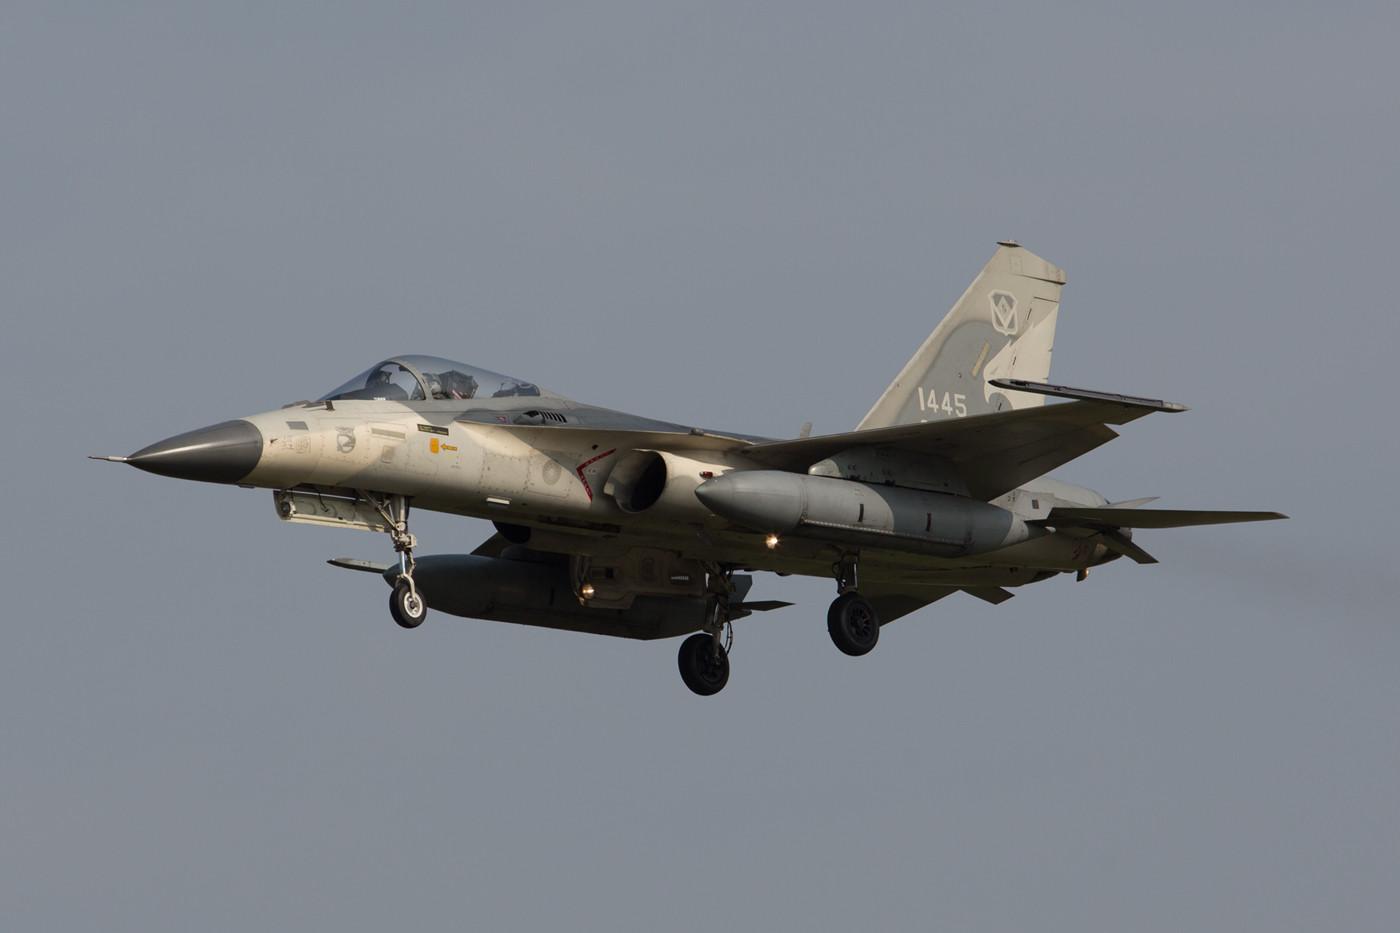 F-CK-1A der 3rd TFW in der Nachmittagsrunde.